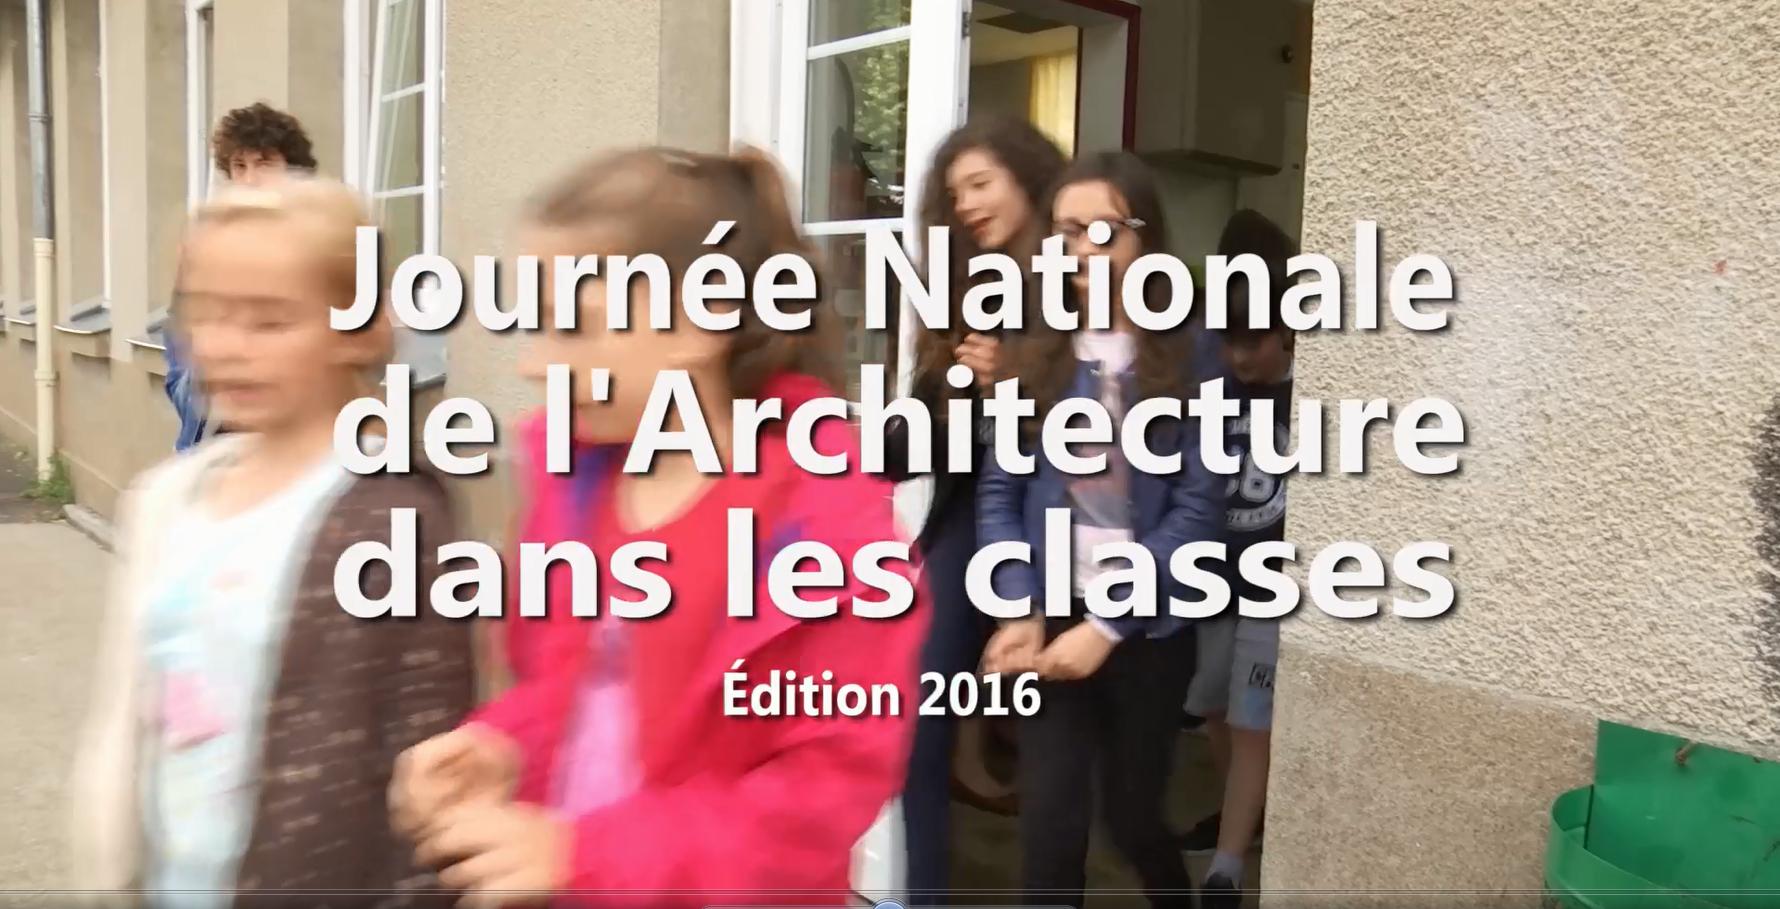 Journée nationale de l'architecture dans les classes